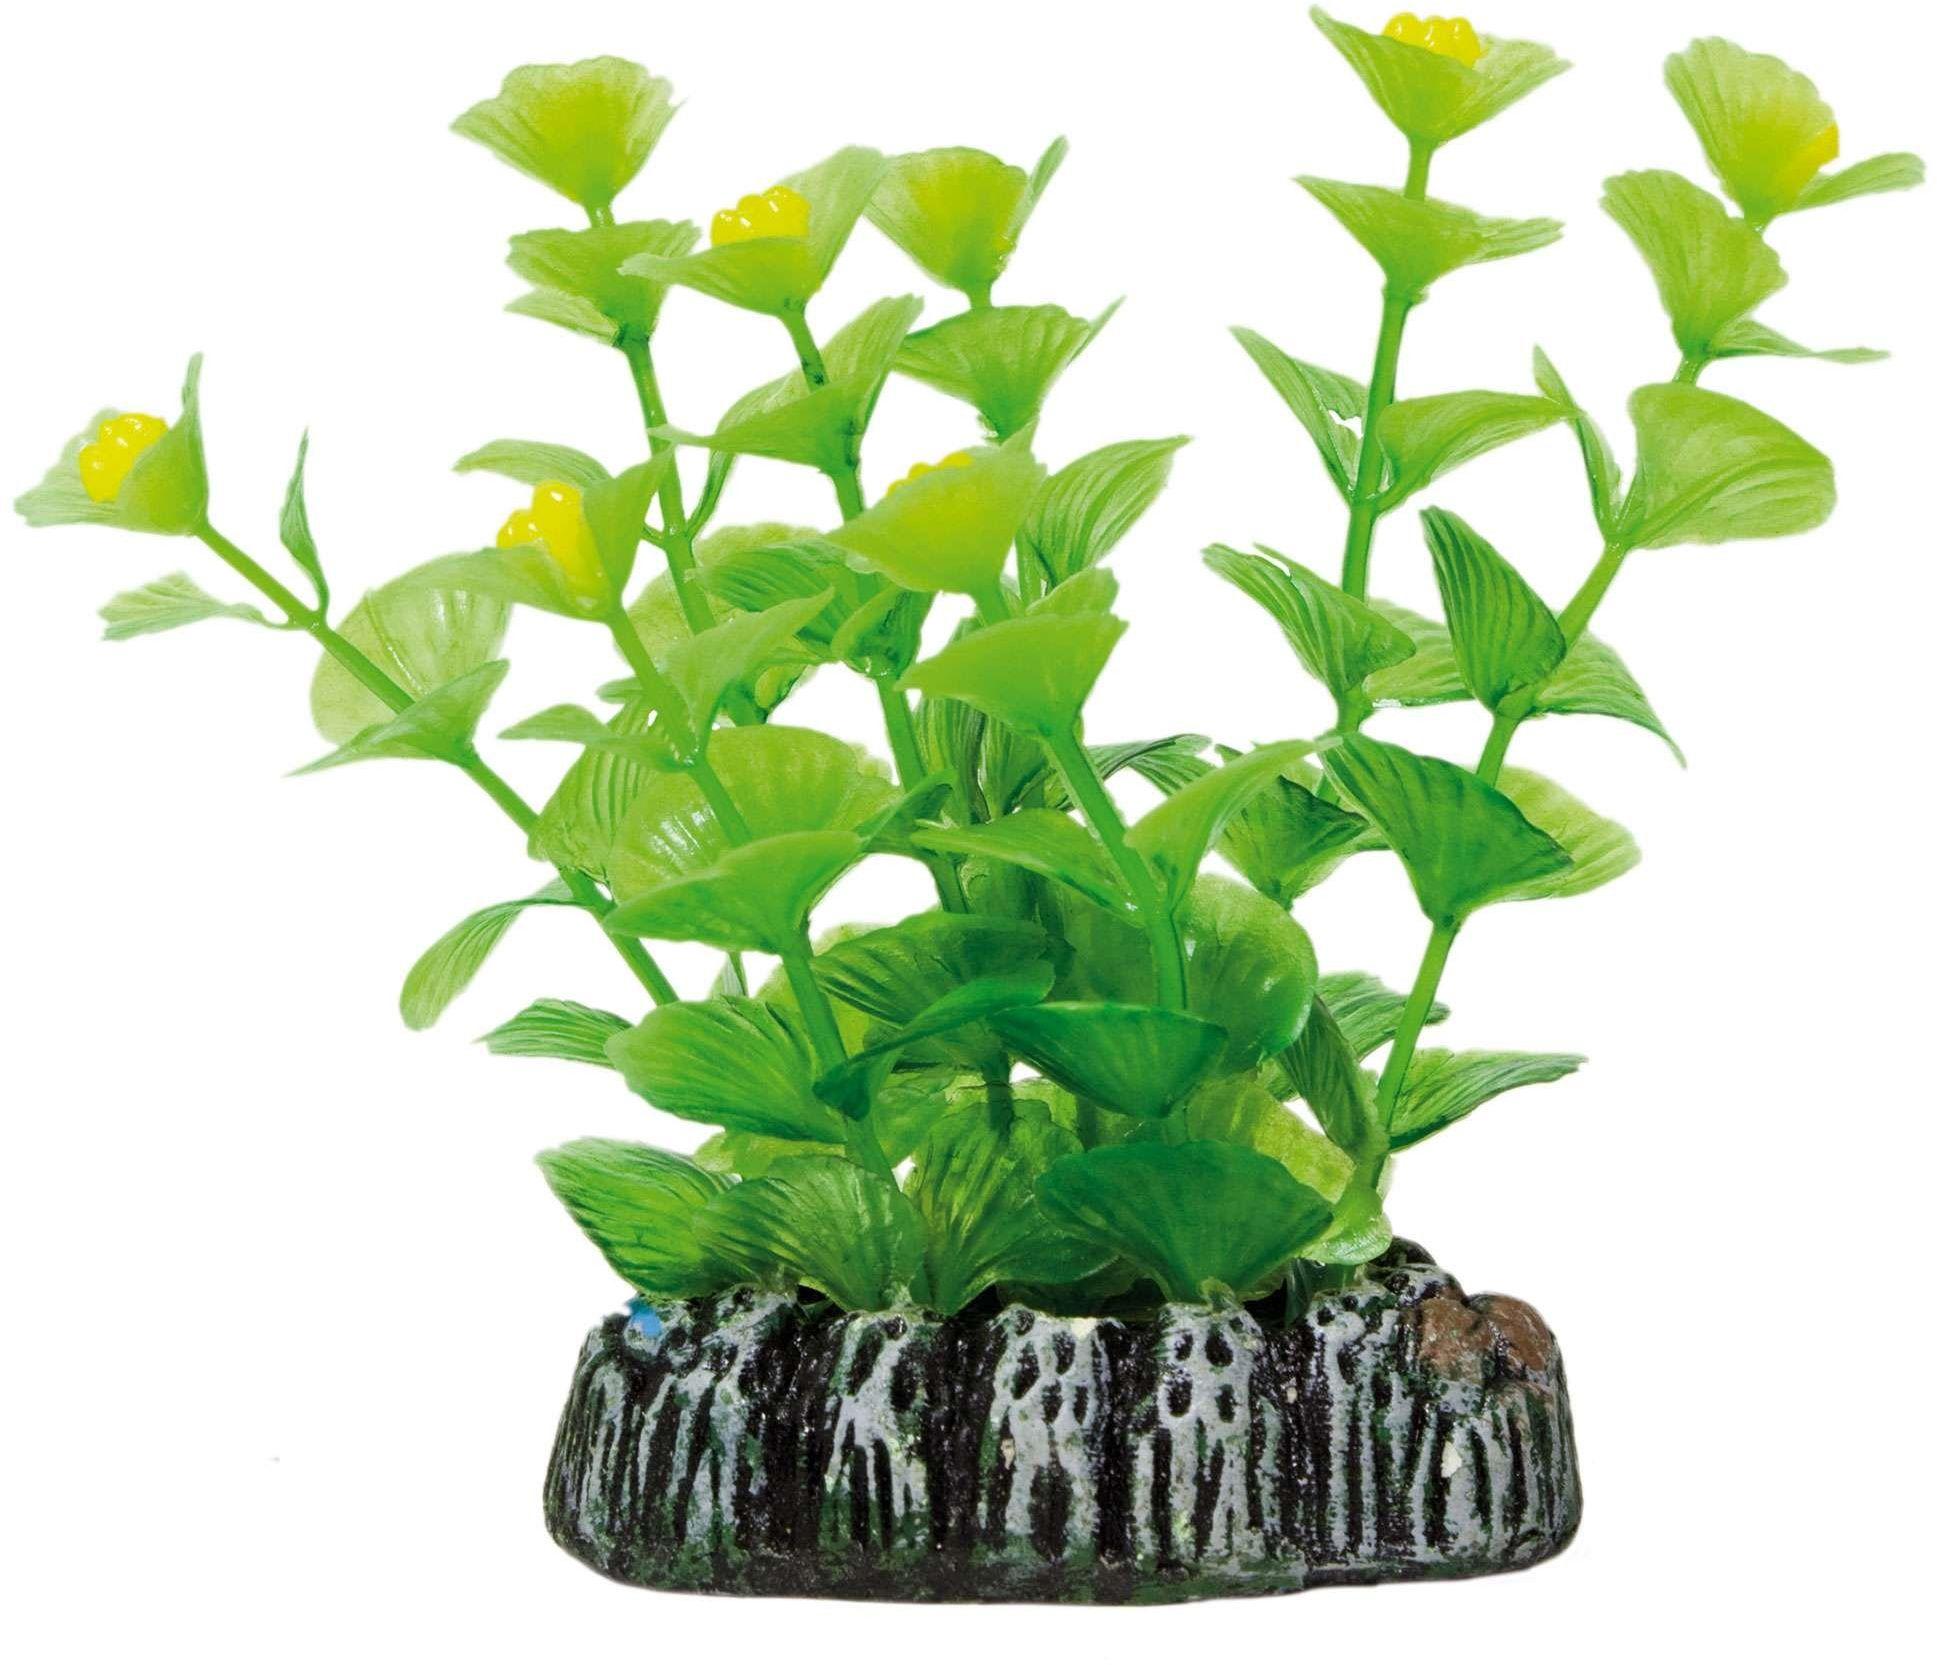 ICA AP1013 kardamina dla roślin wodnych, tworzywo sztuczne